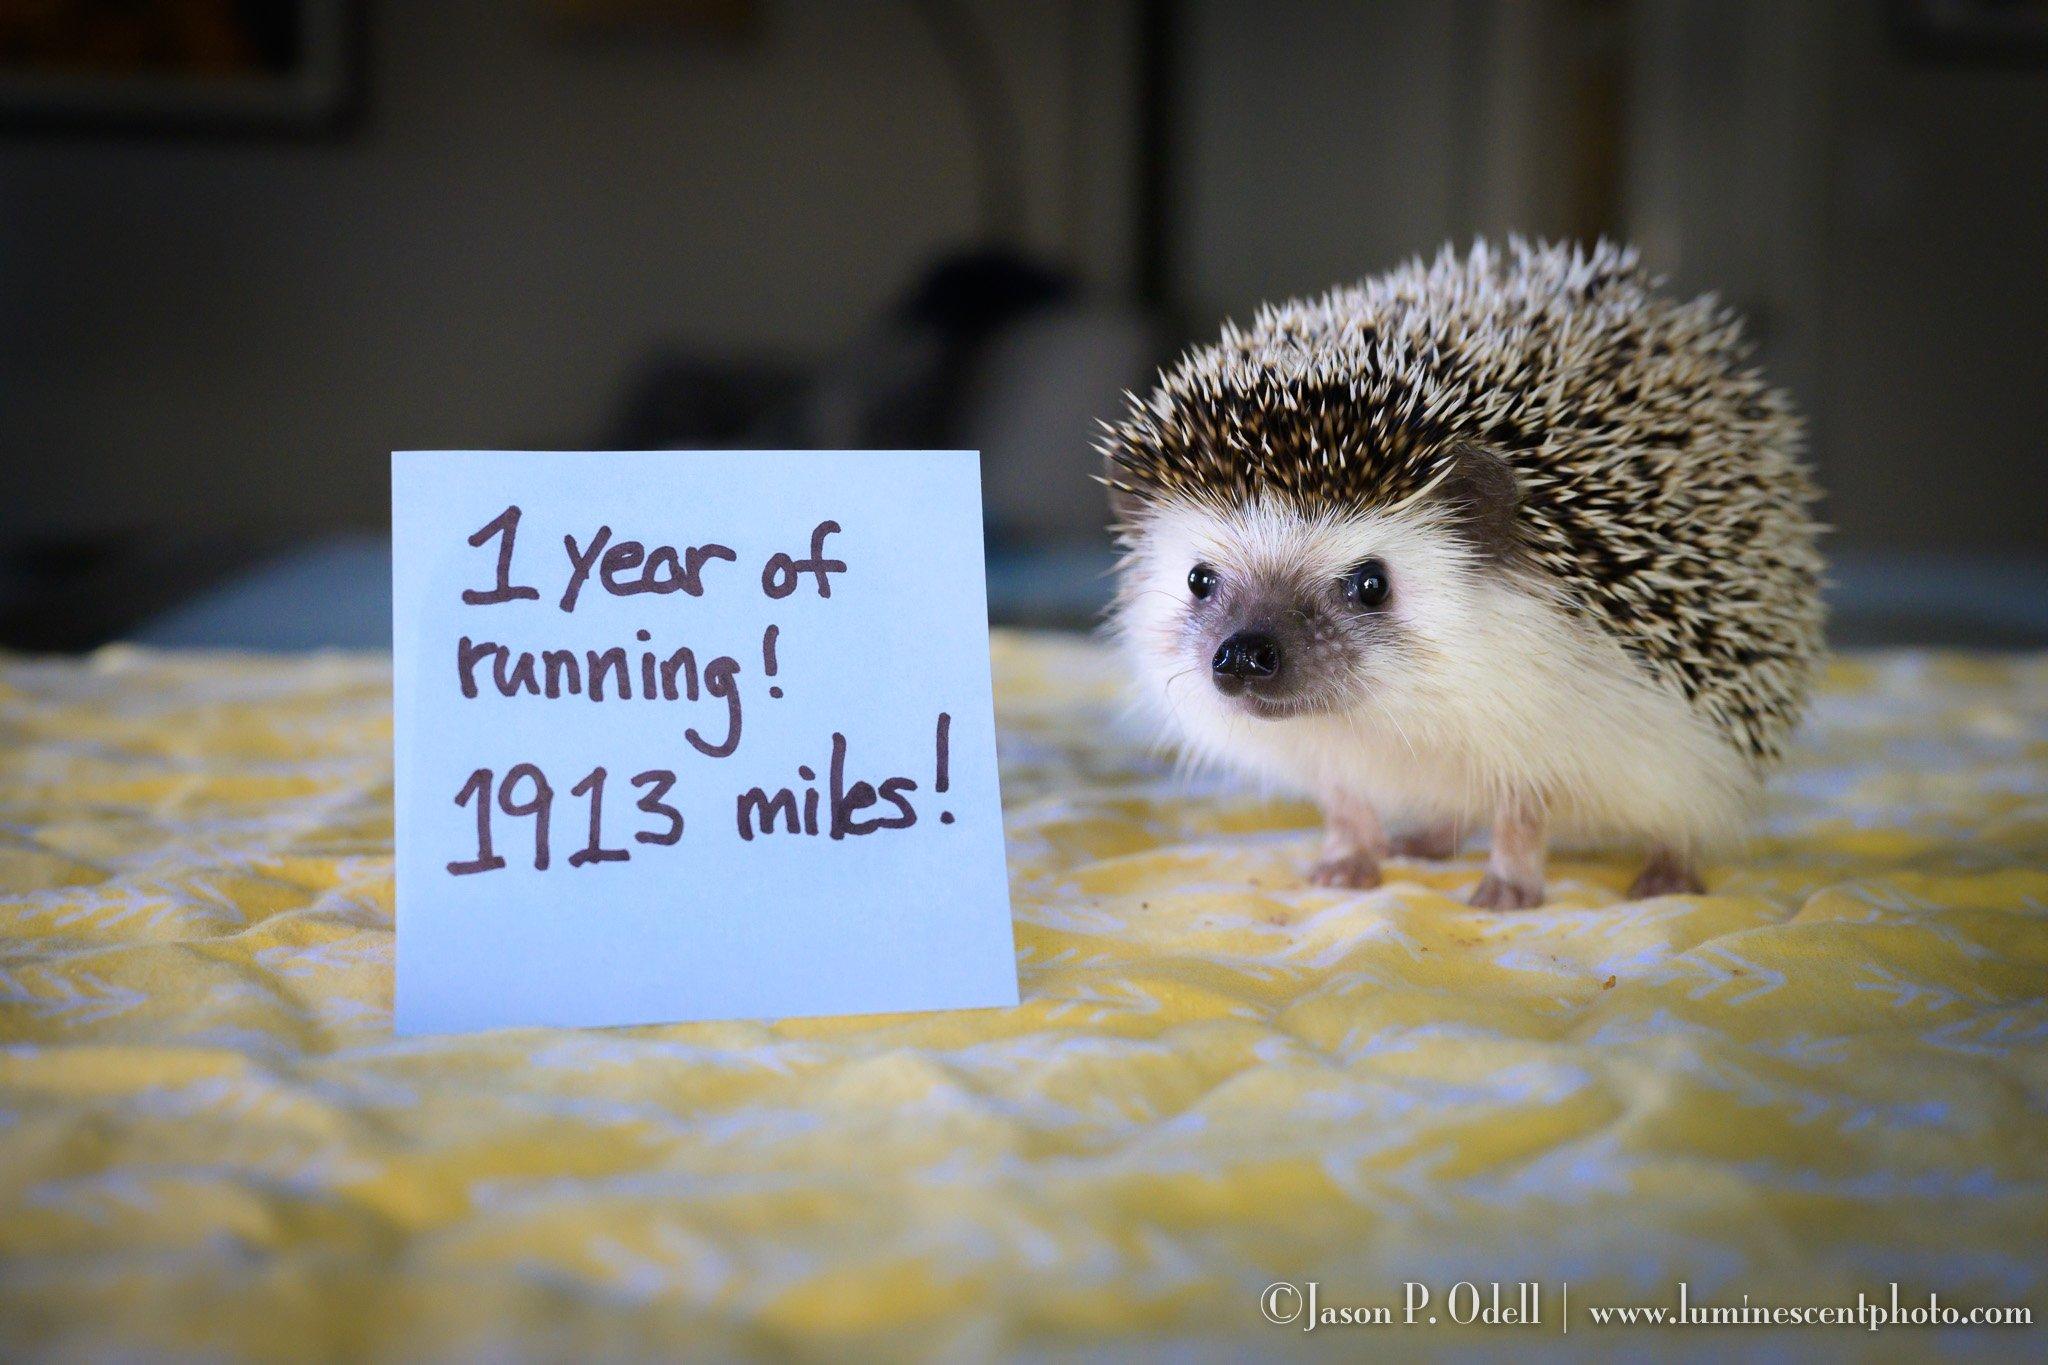 One Year of Running!